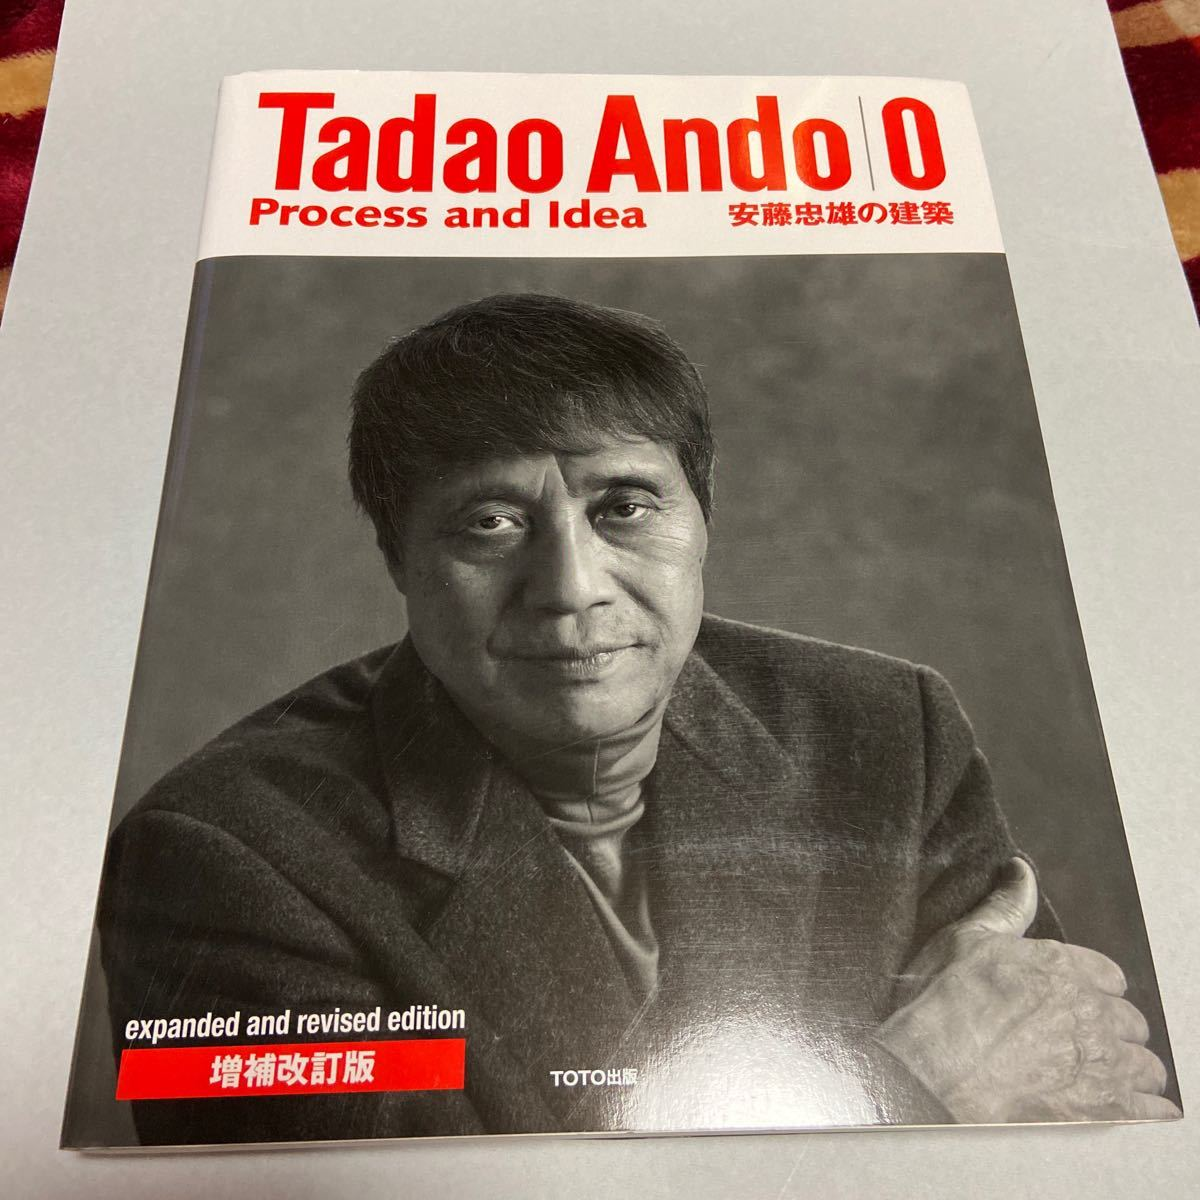 安藤忠雄の建築 増補改訂版 Tadao Ando 0 Process and Idea サイン本 ドローイング こど